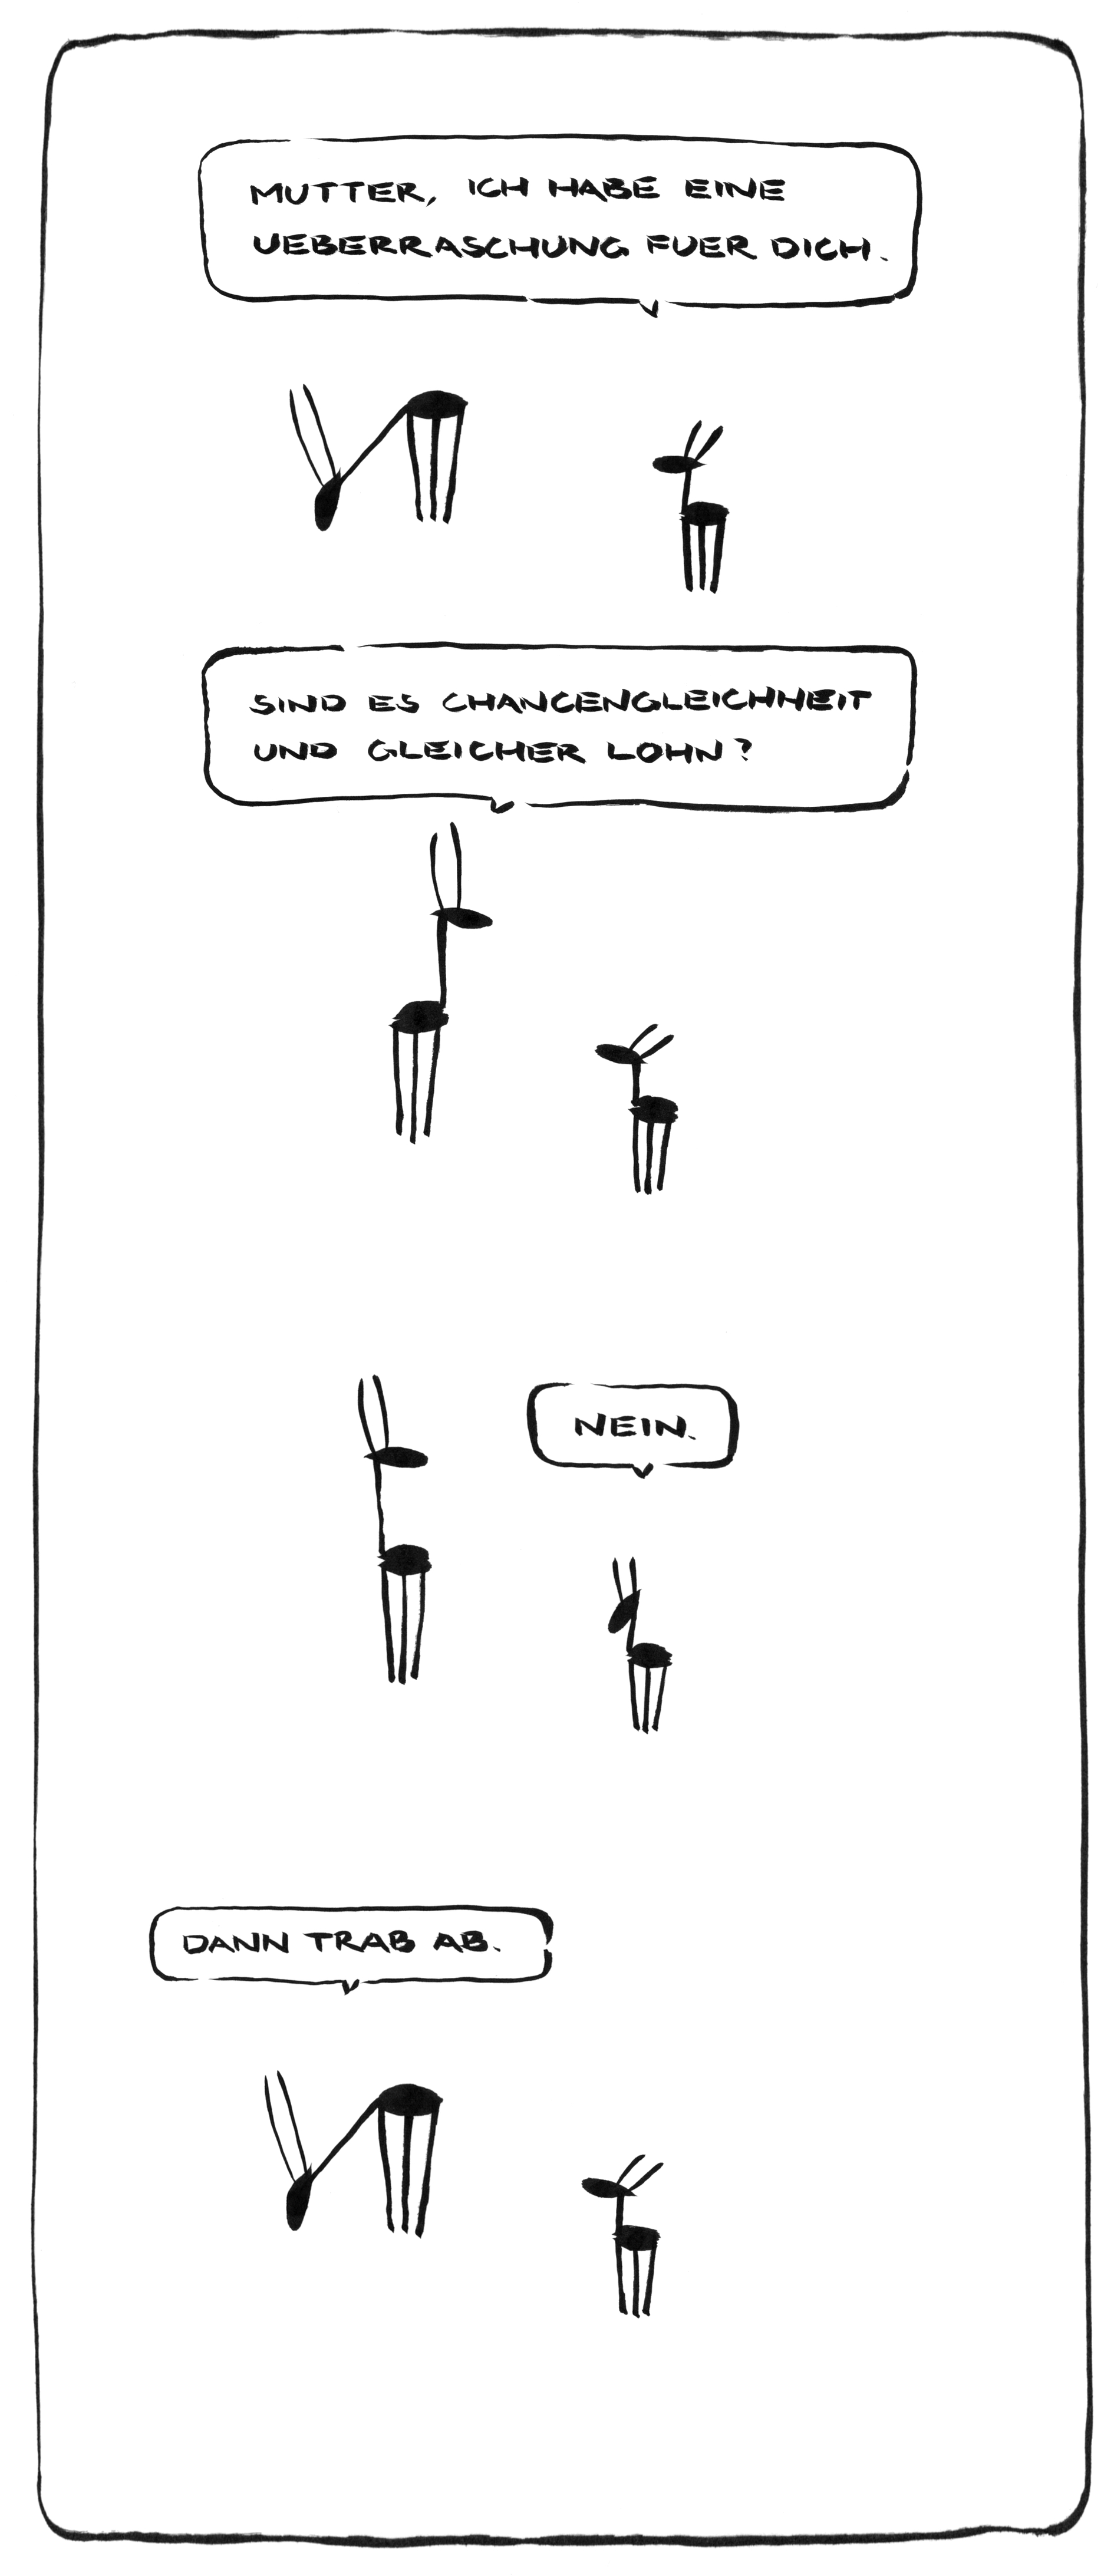 viecher_18_muttertag_cartoon